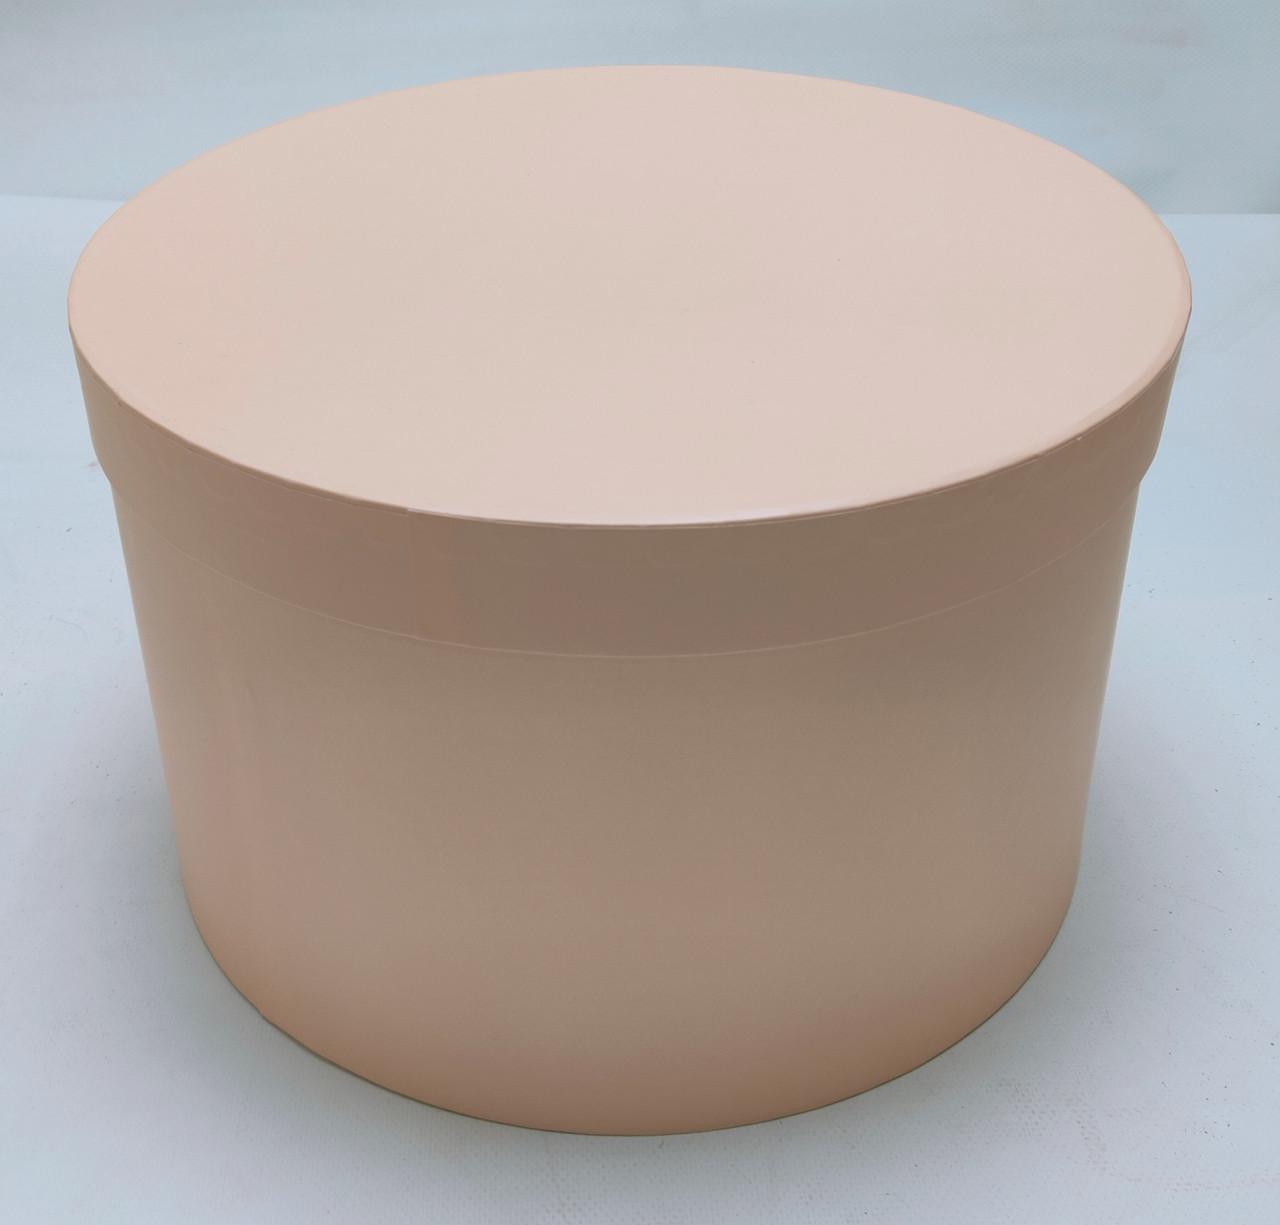 Коробка круглая d39см*h23,5см персиковая